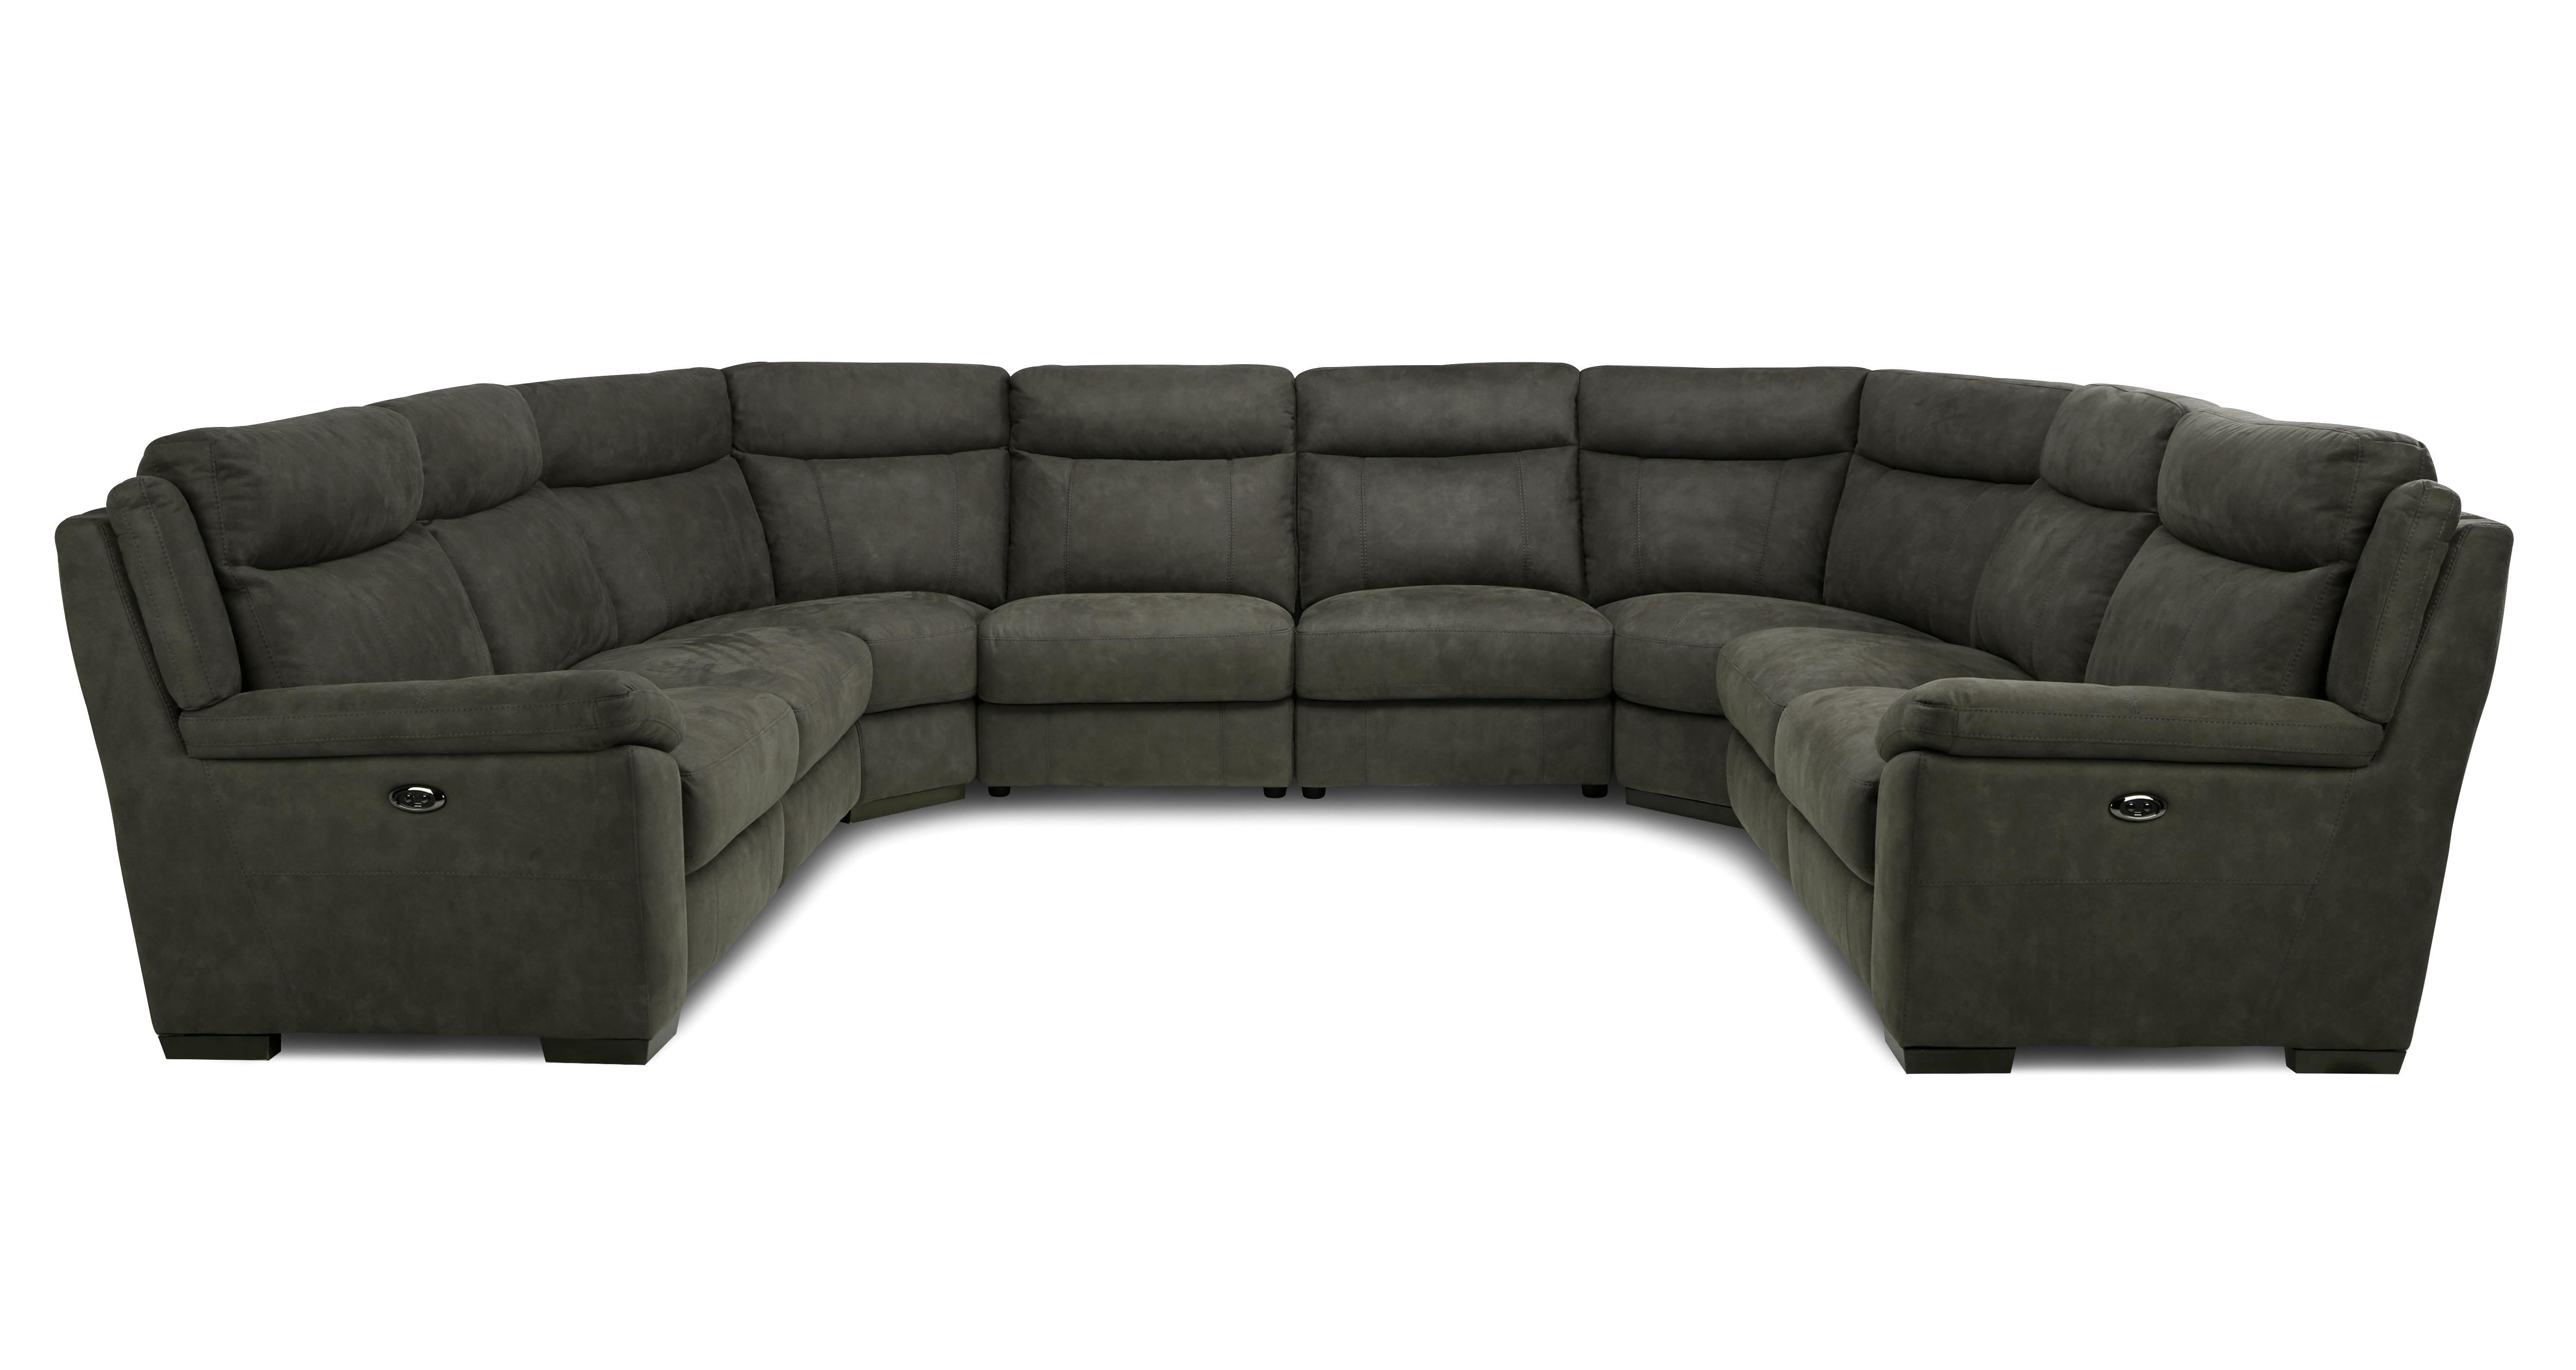 كومة من إنسانية اسقي الزهرة u shaped sofa